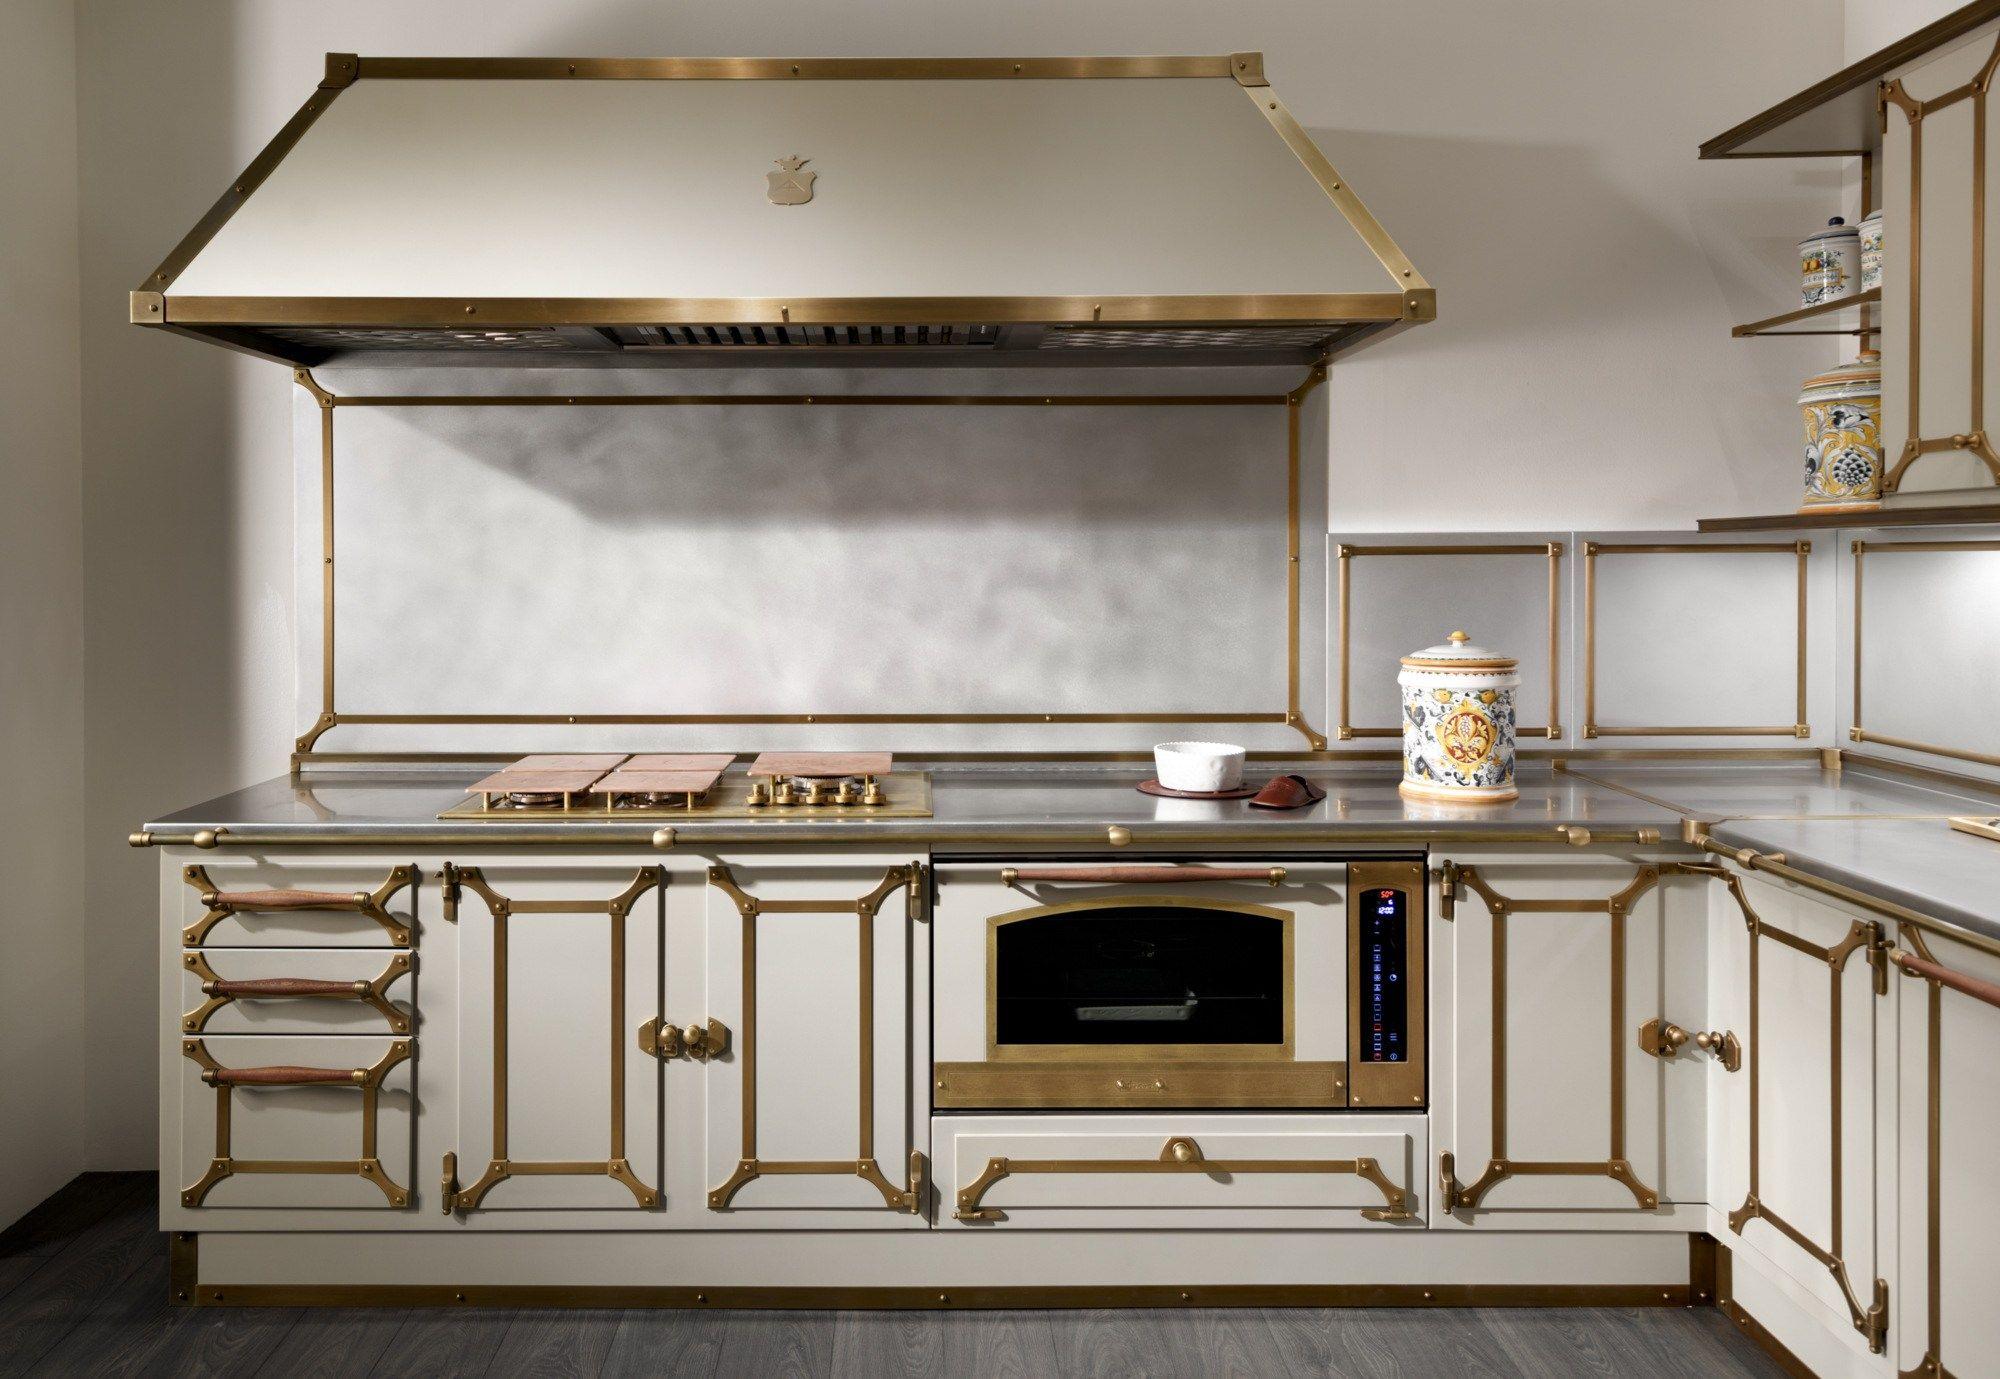 cucina con maniglie domestic by officine gullo. Black Bedroom Furniture Sets. Home Design Ideas